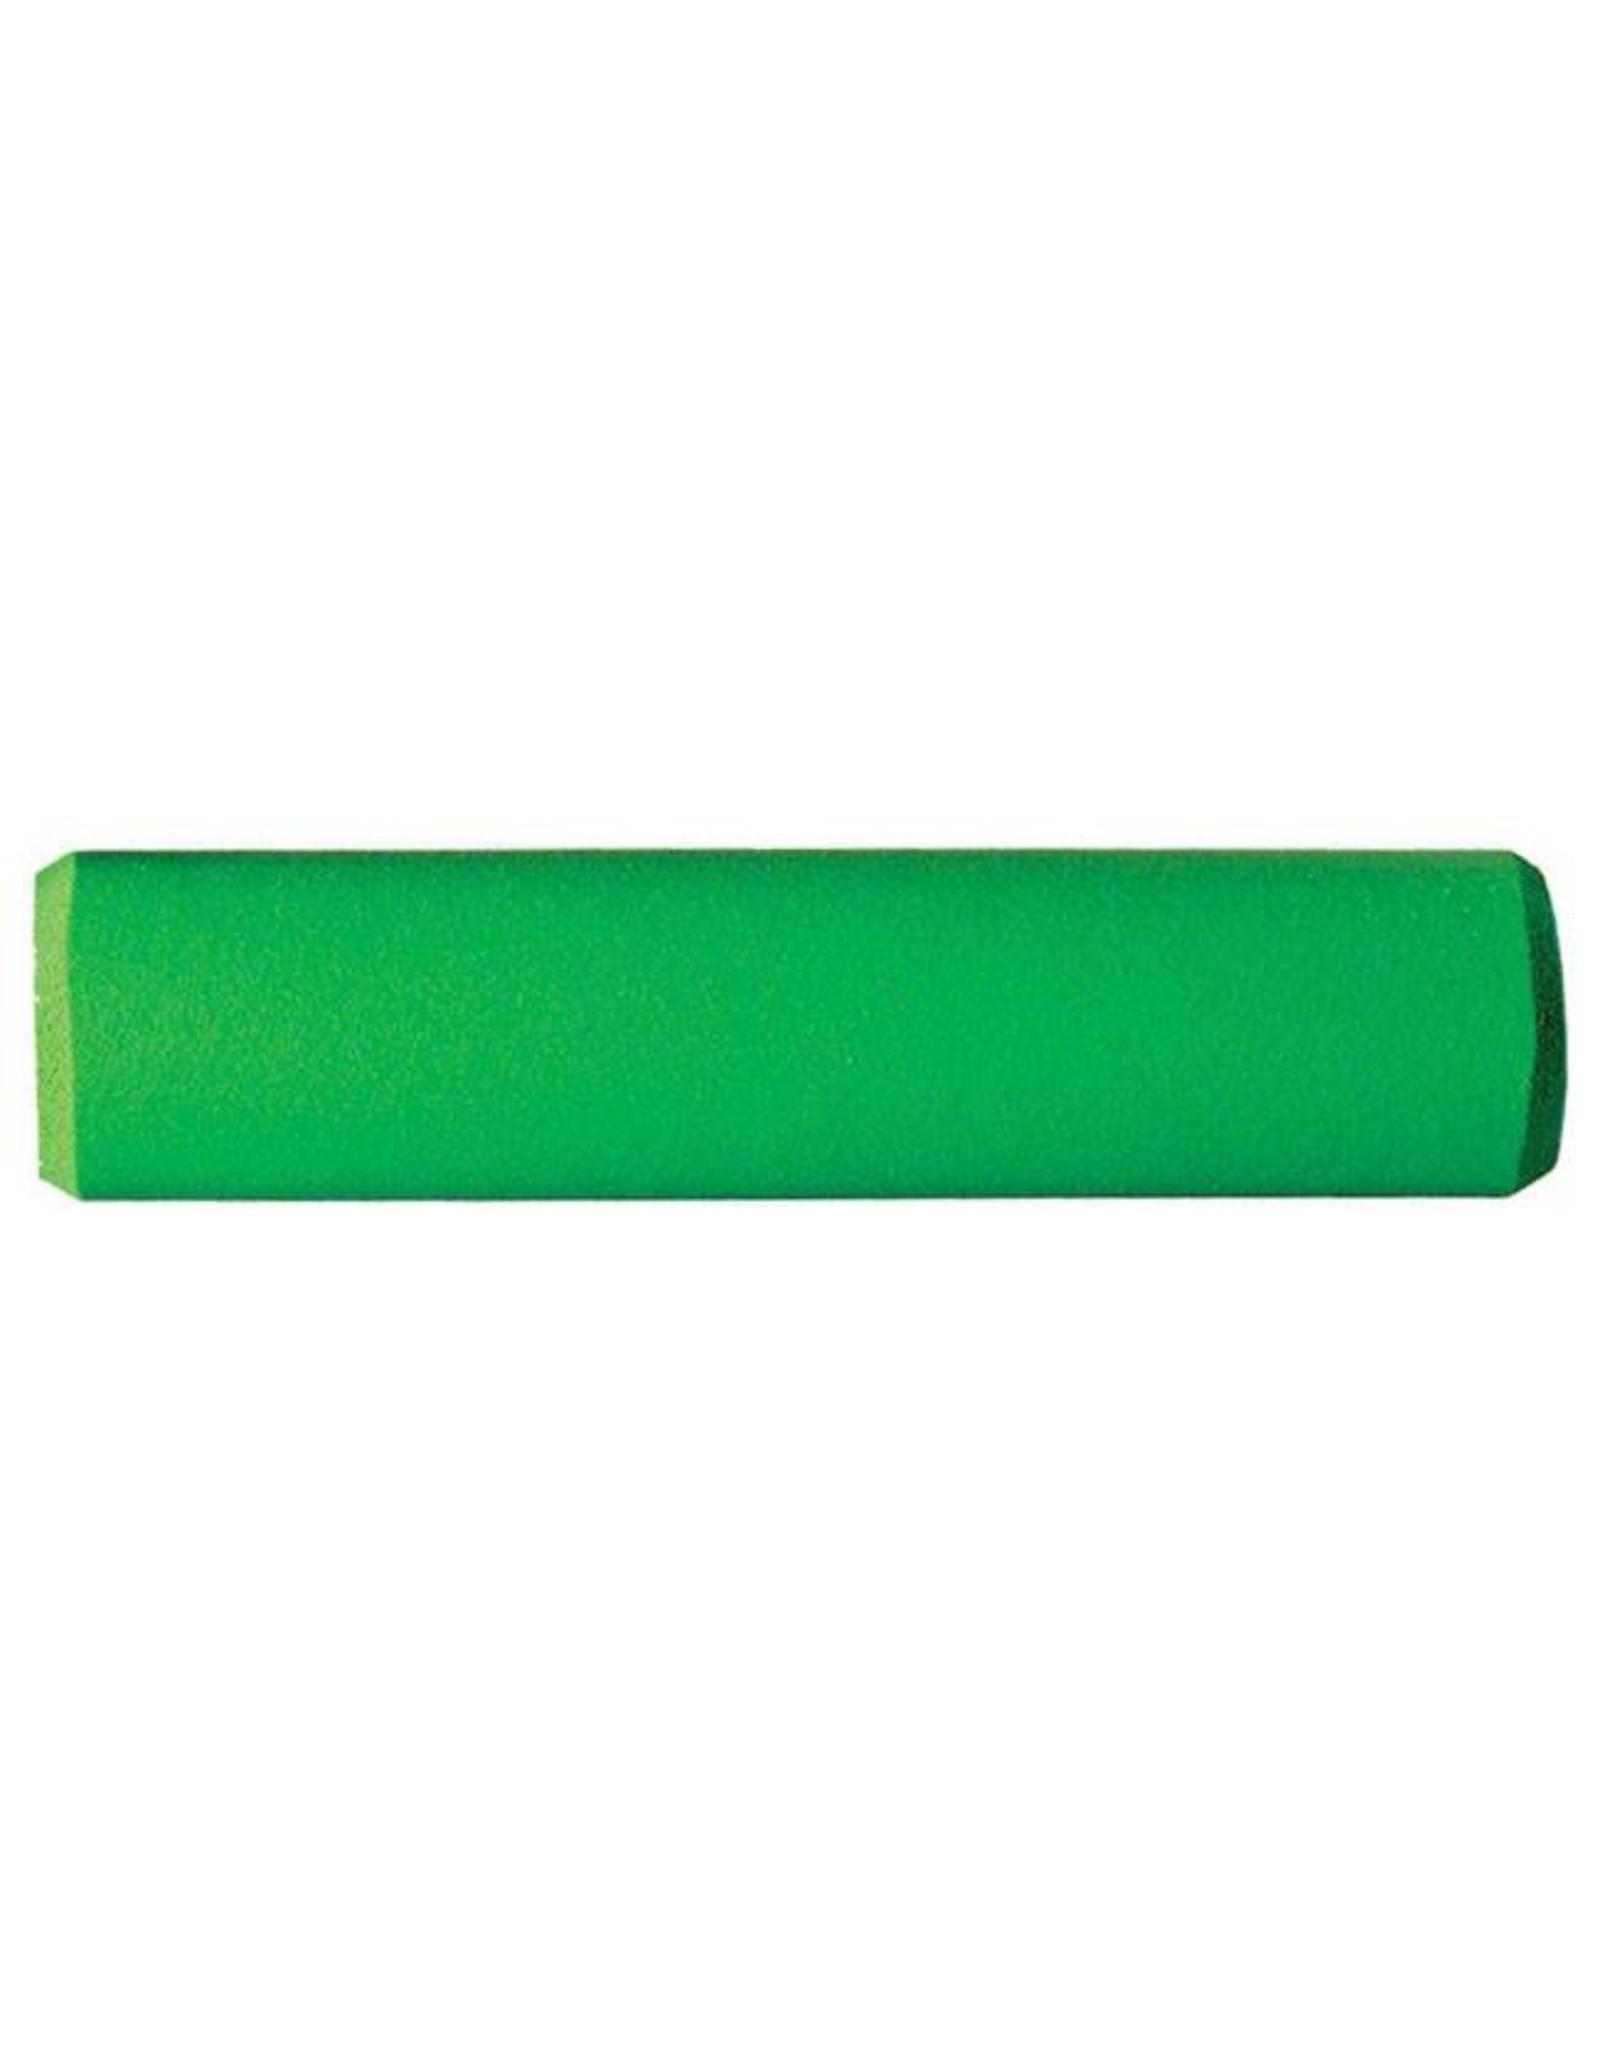 ESI ESI 32mm Chunky Silicone Grips: Green